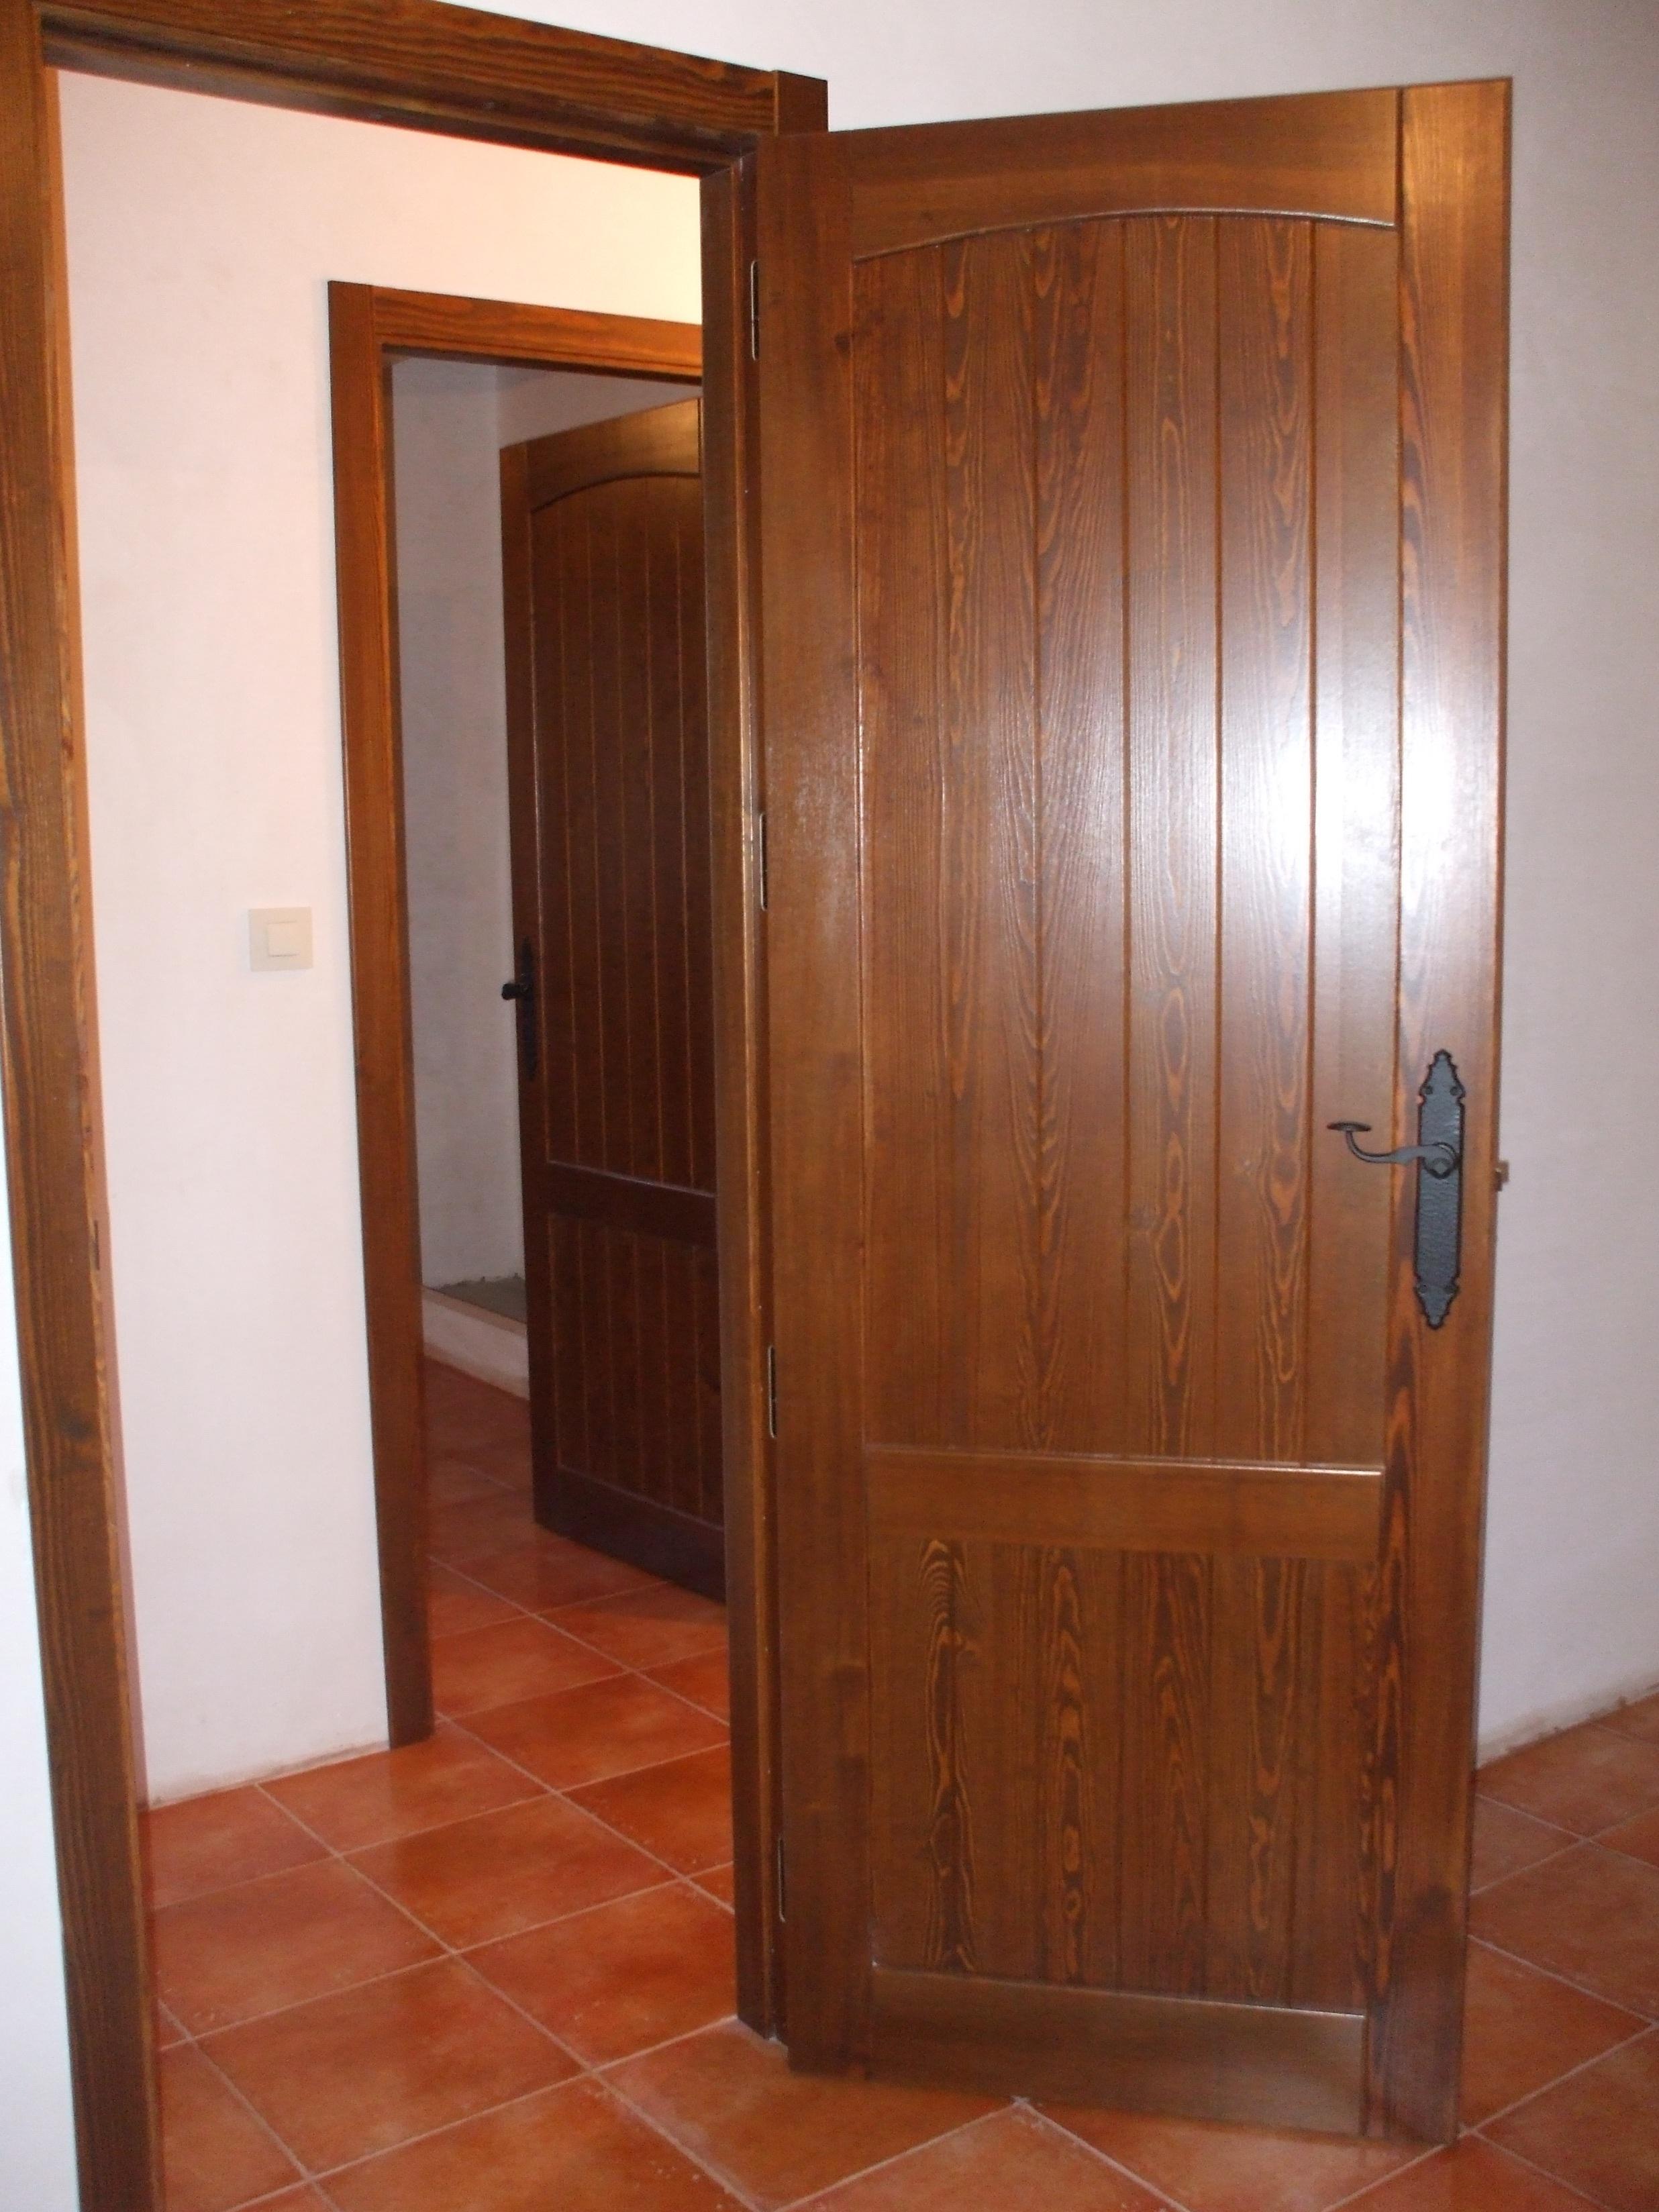 Puerta interior r stica modelo cuenca curva puertas for Modelo de puertas para habitaciones modernas